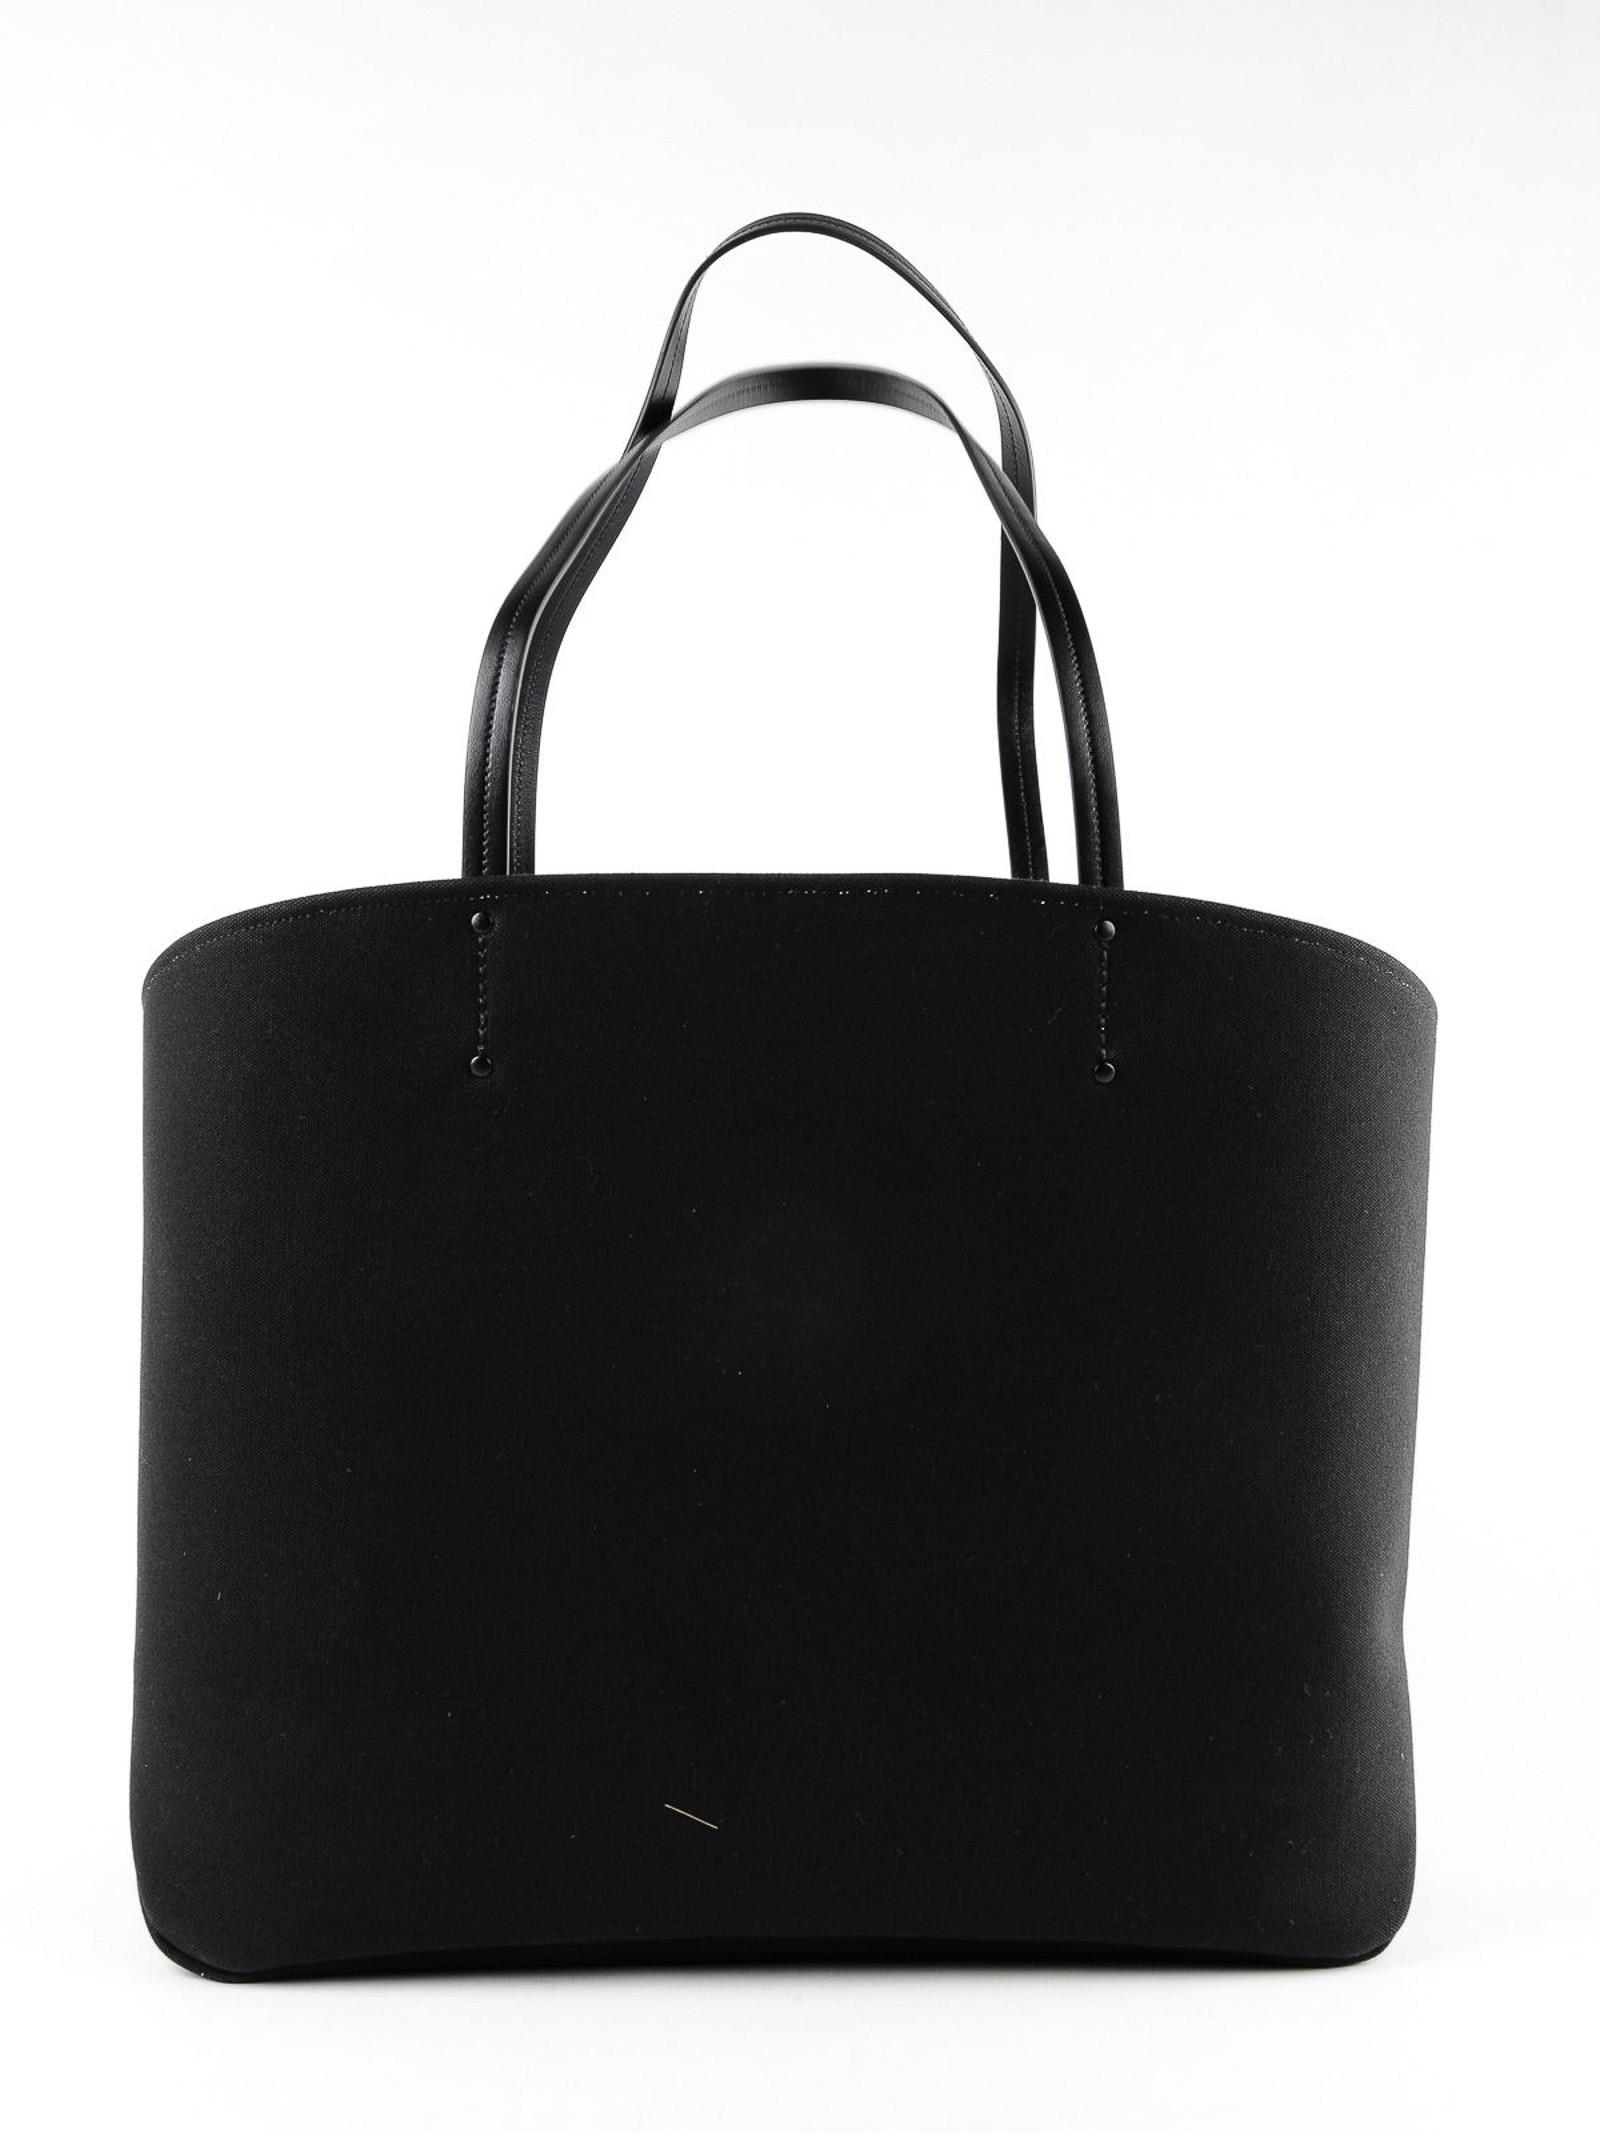 Prada Cotton Canapa Tote in Black